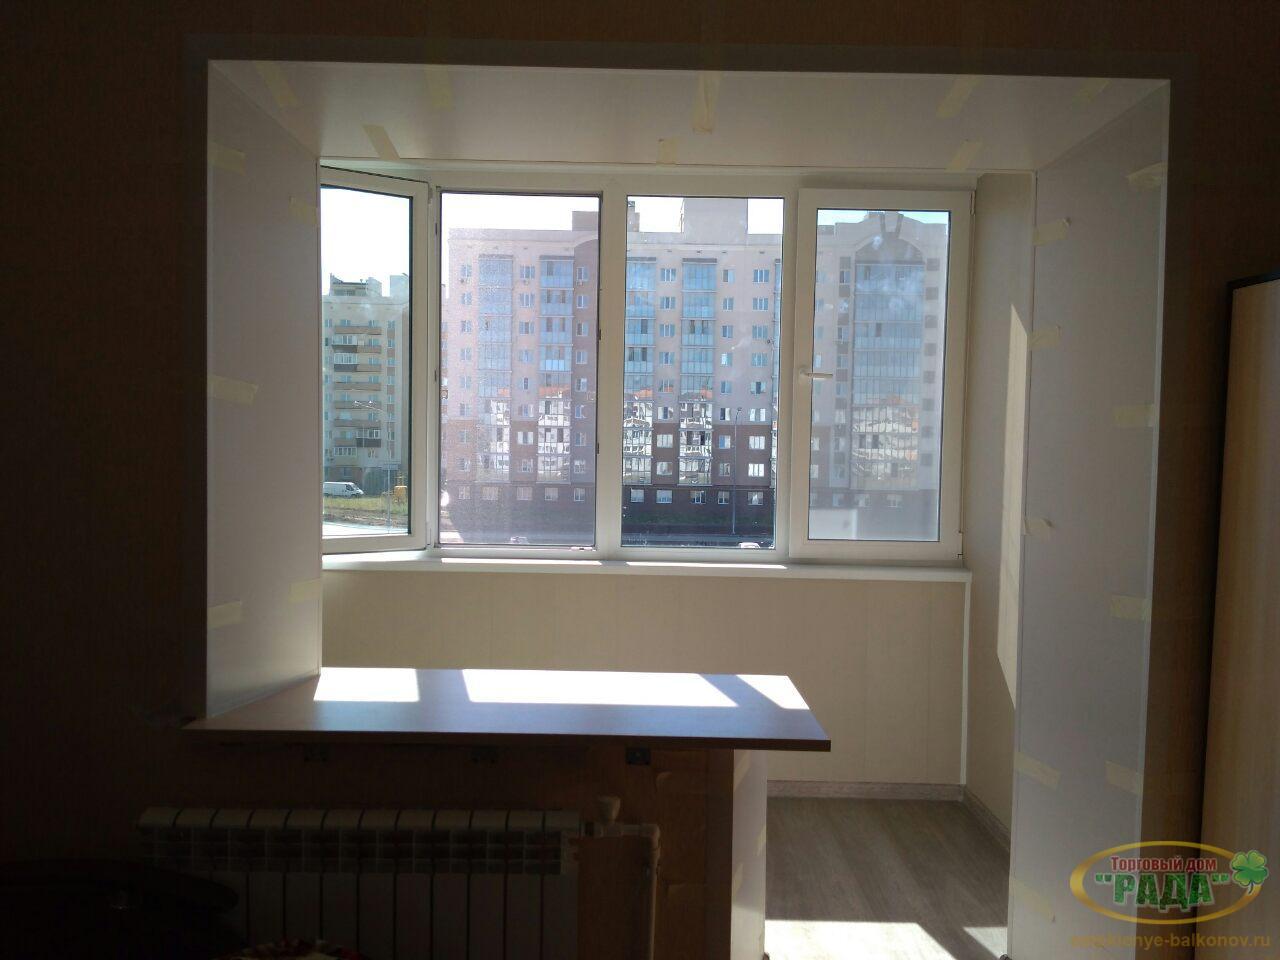 Фото внутренней отделки балконов и лоджий.